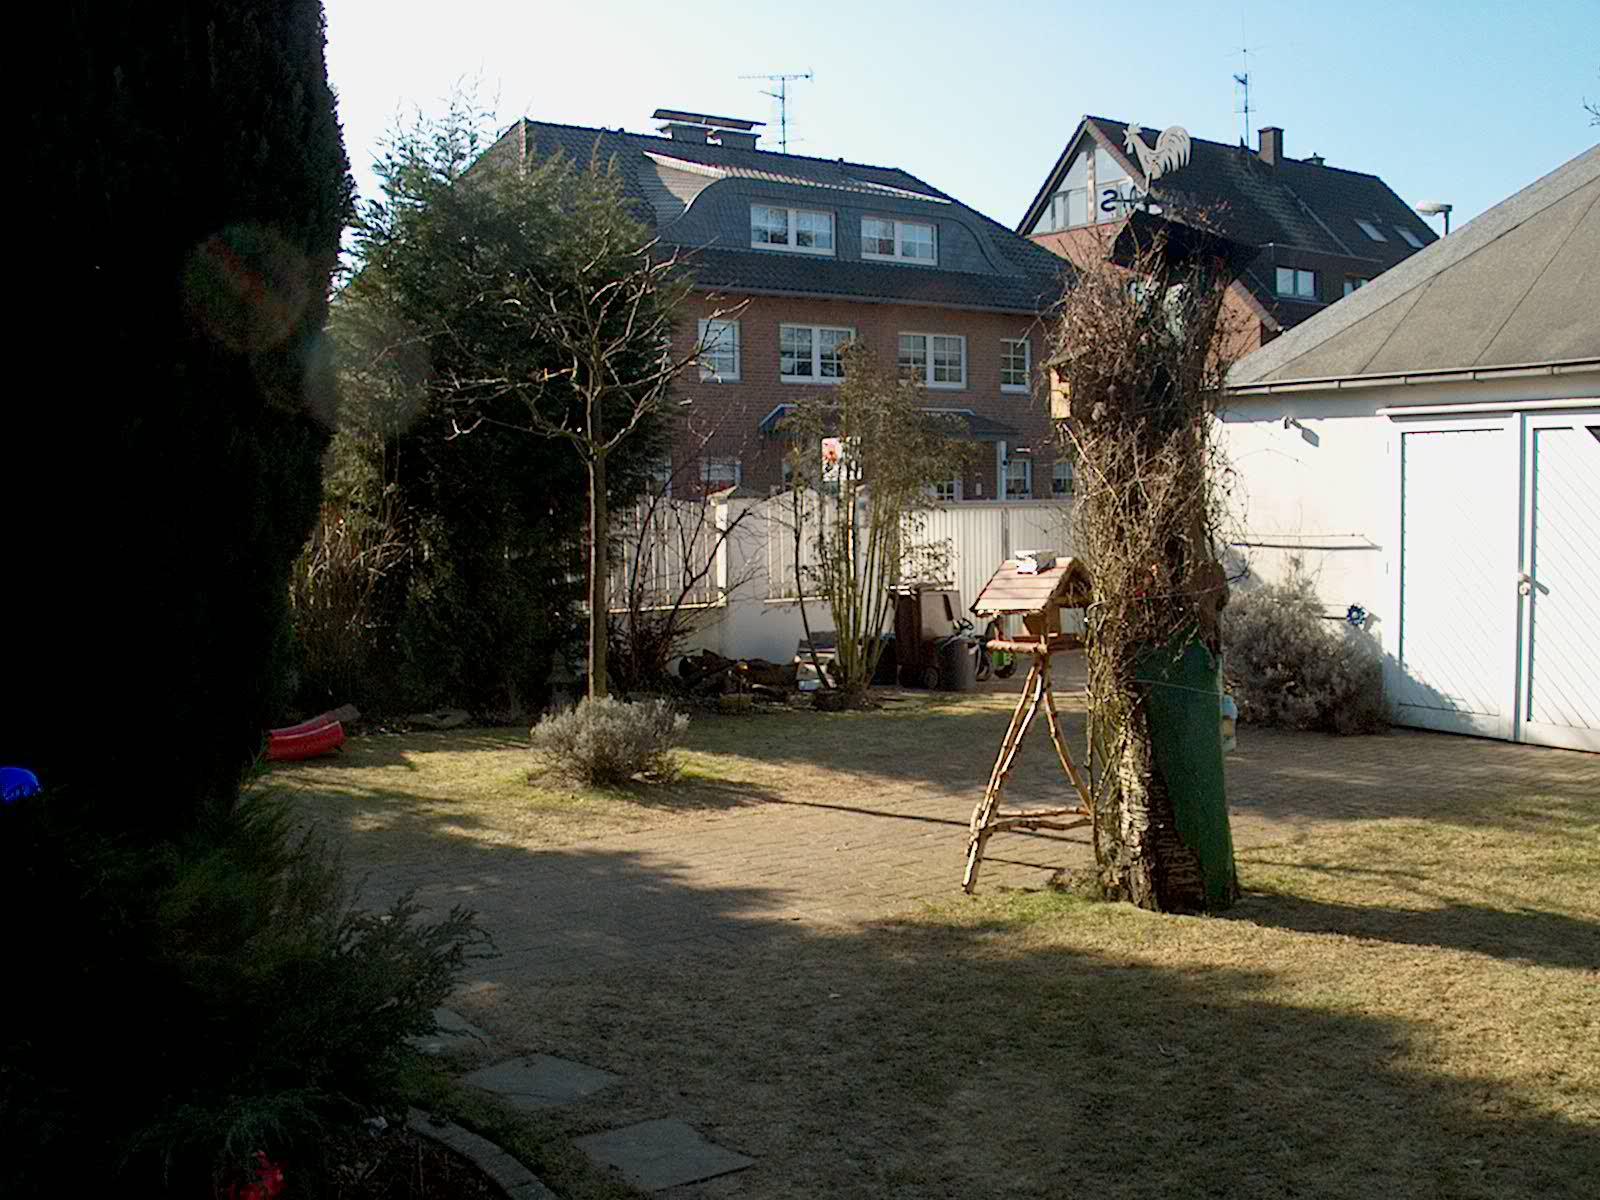 Garten mit erhöhter terrasse vor der gestaltung zum schwimmteich.